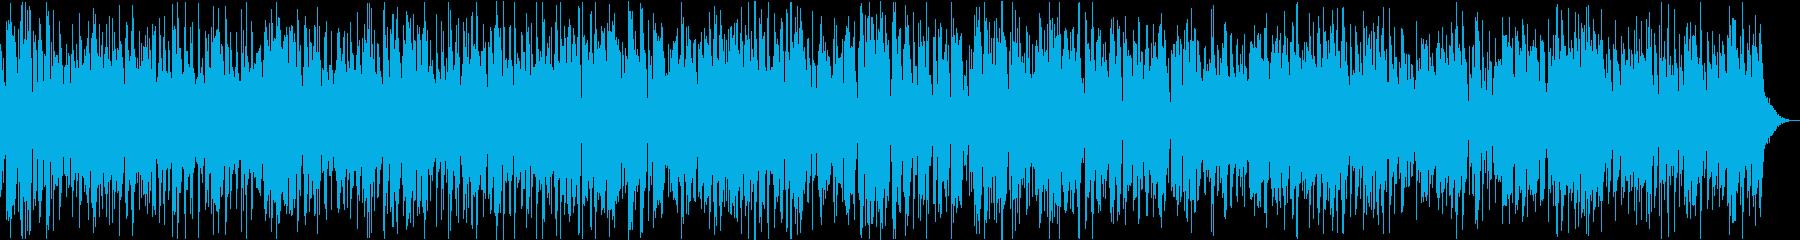 生音・生演奏・渋い大人のカフェボサノバの再生済みの波形